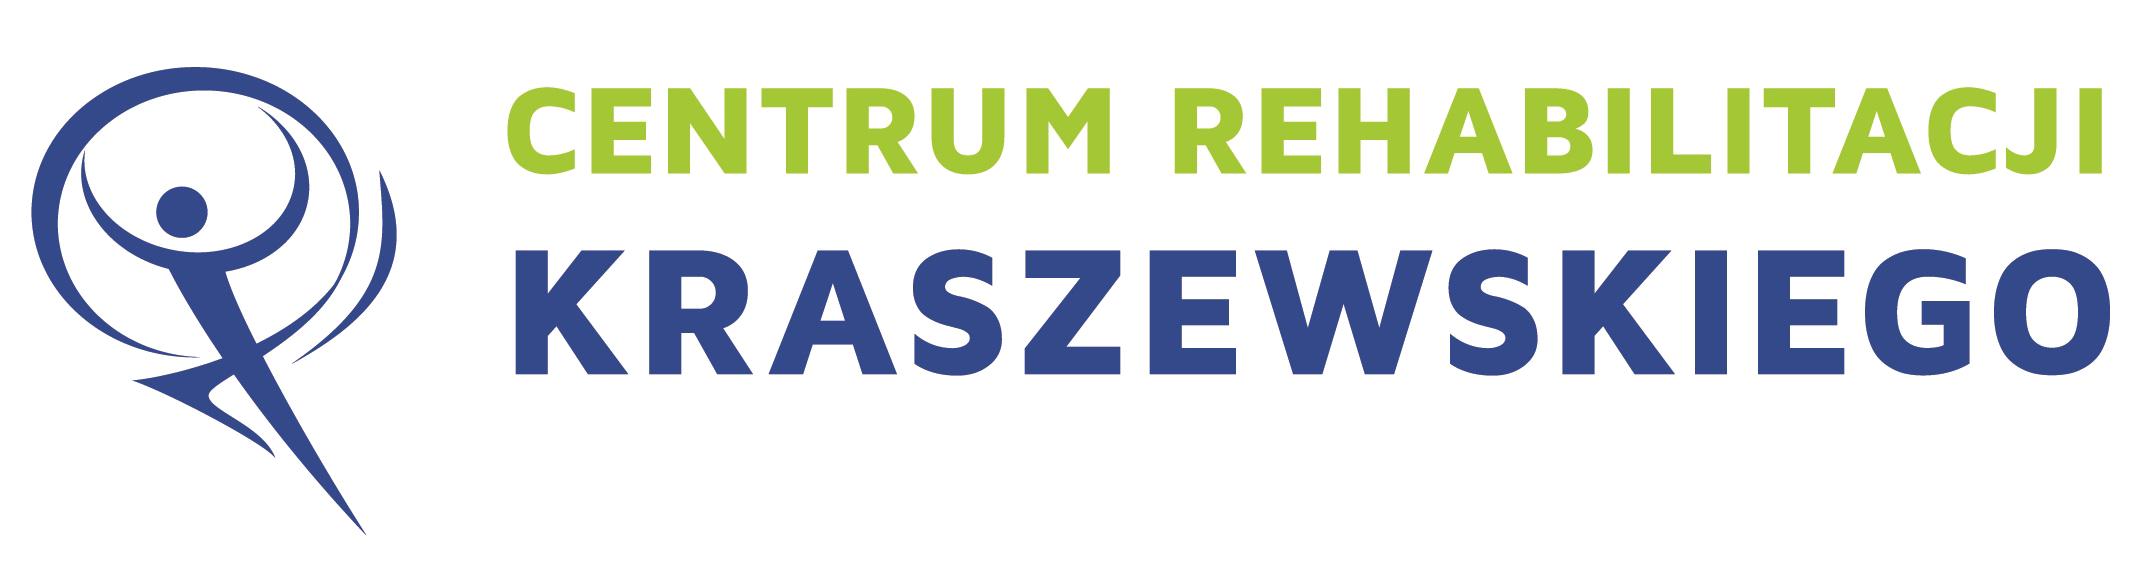 Centrum Rehabilitacji Kraszewskiego